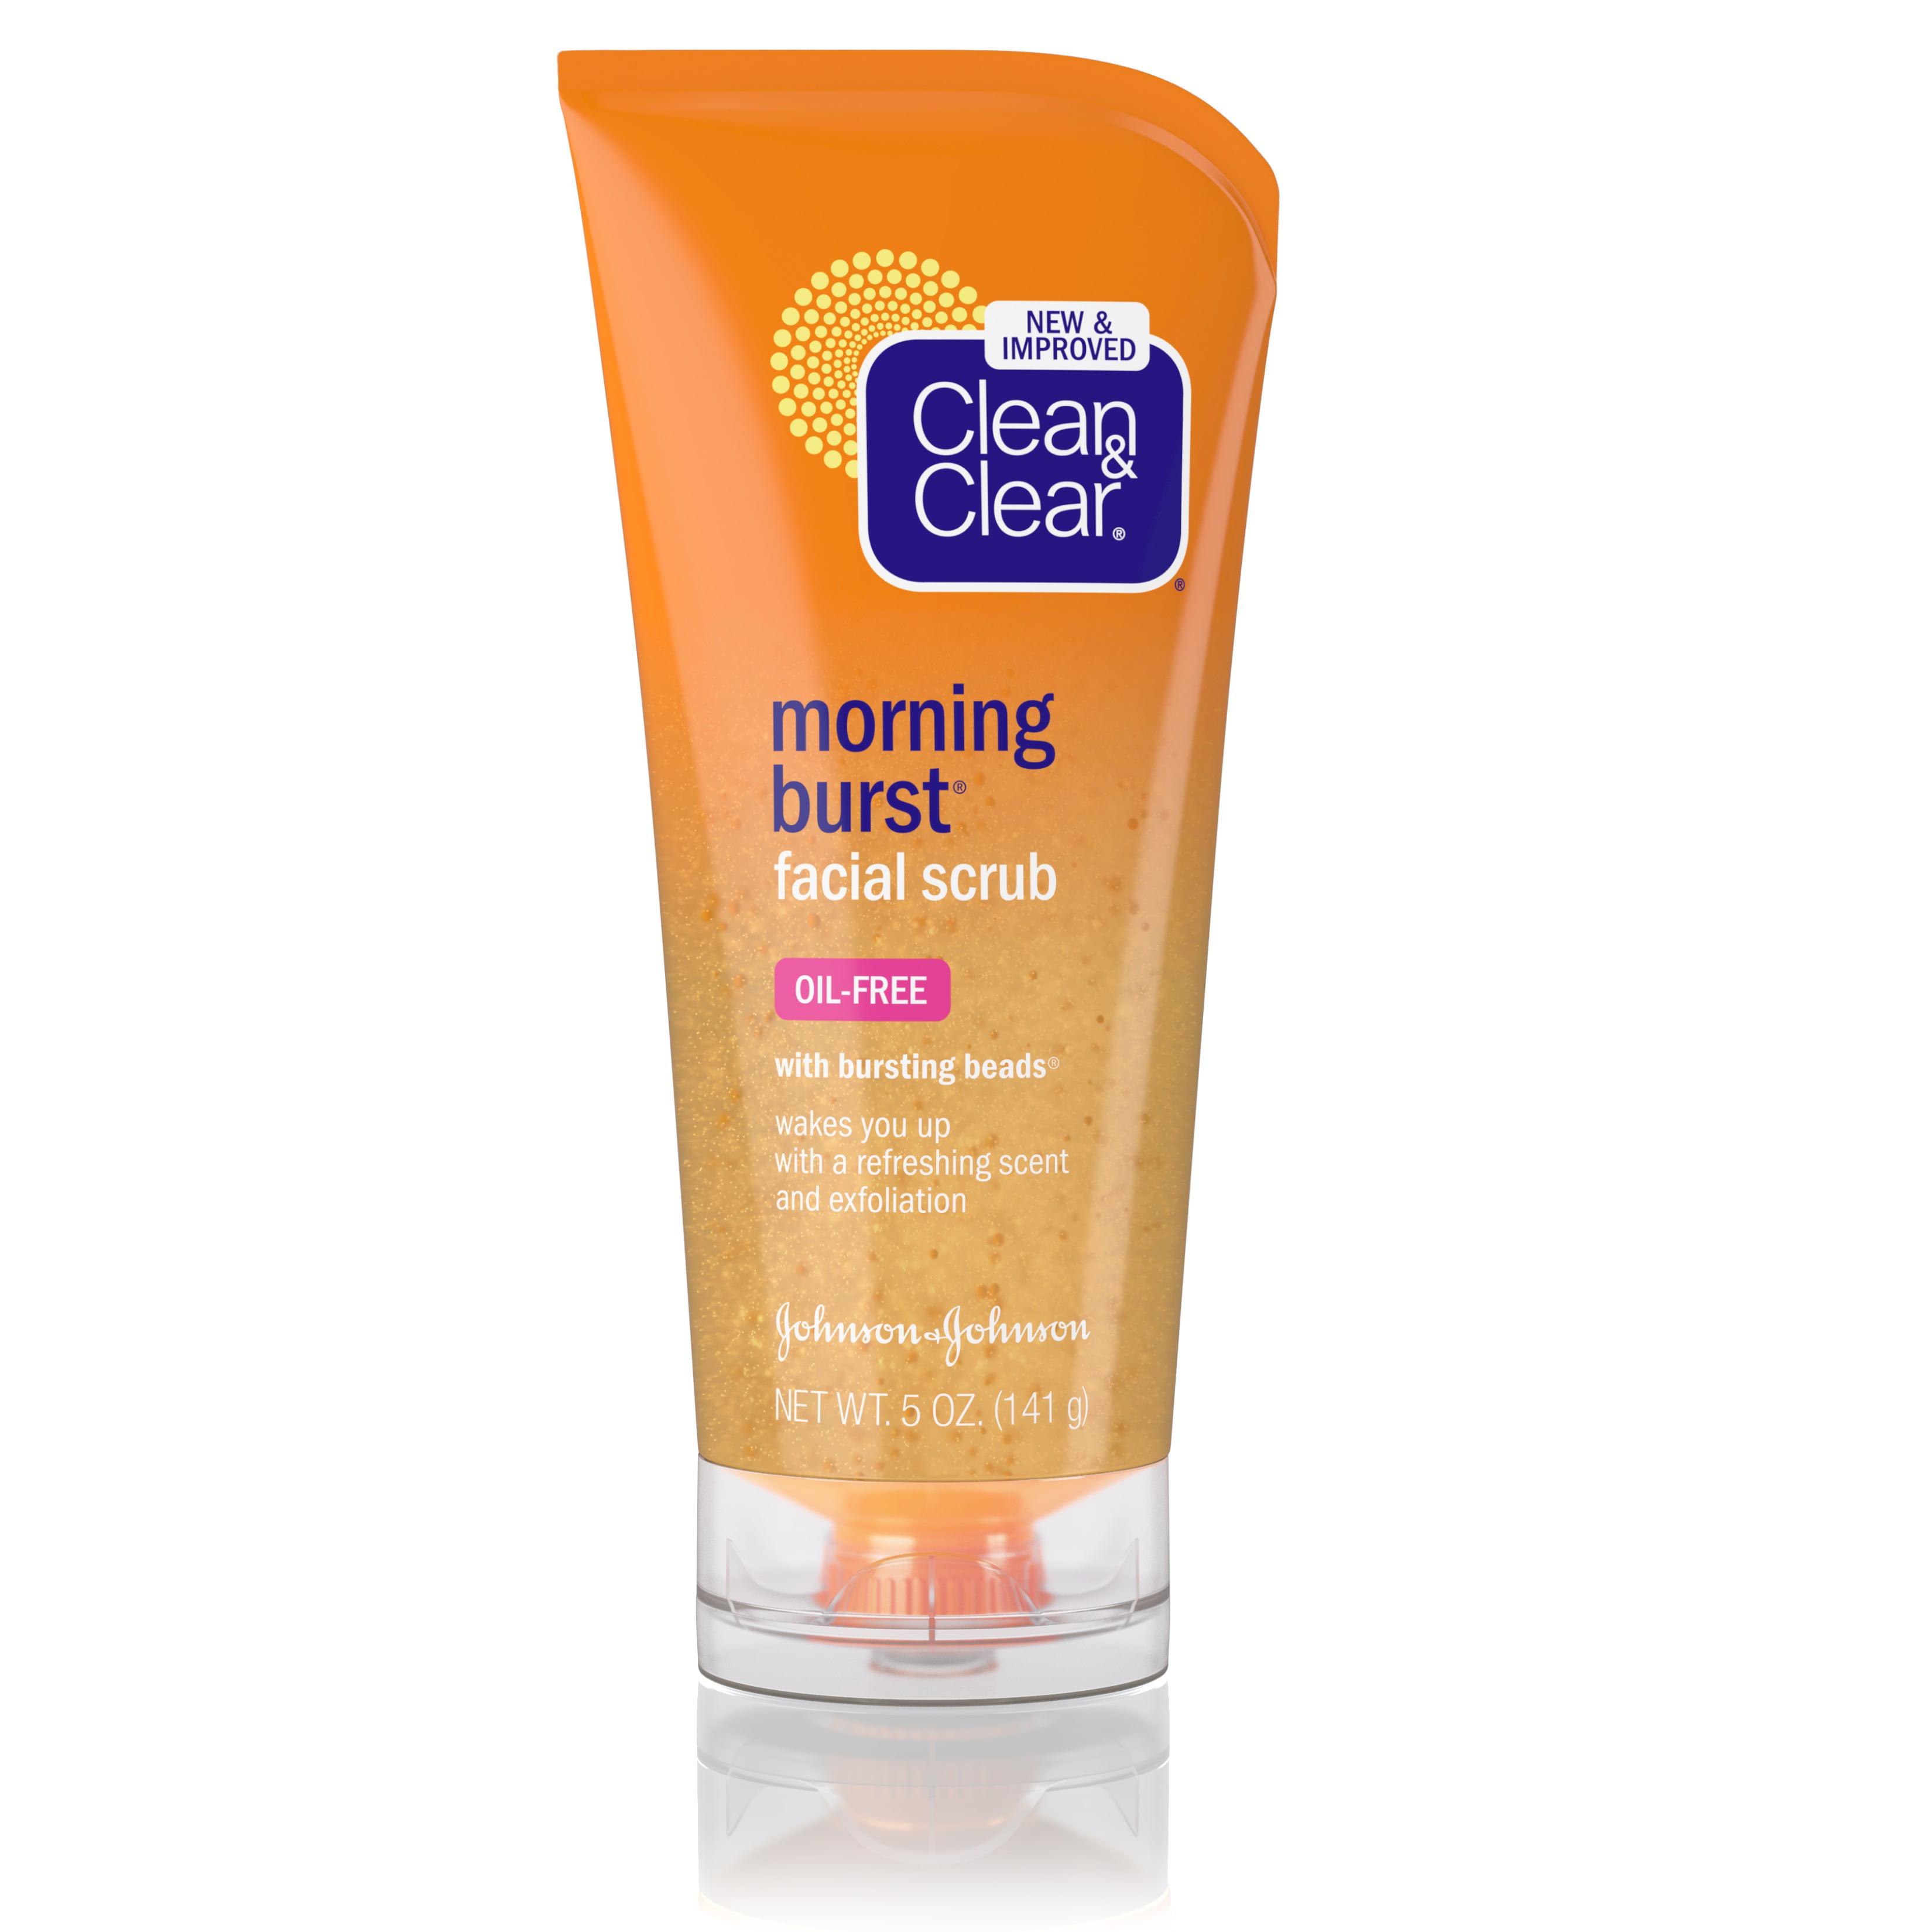 Facial scrub for flakey skin